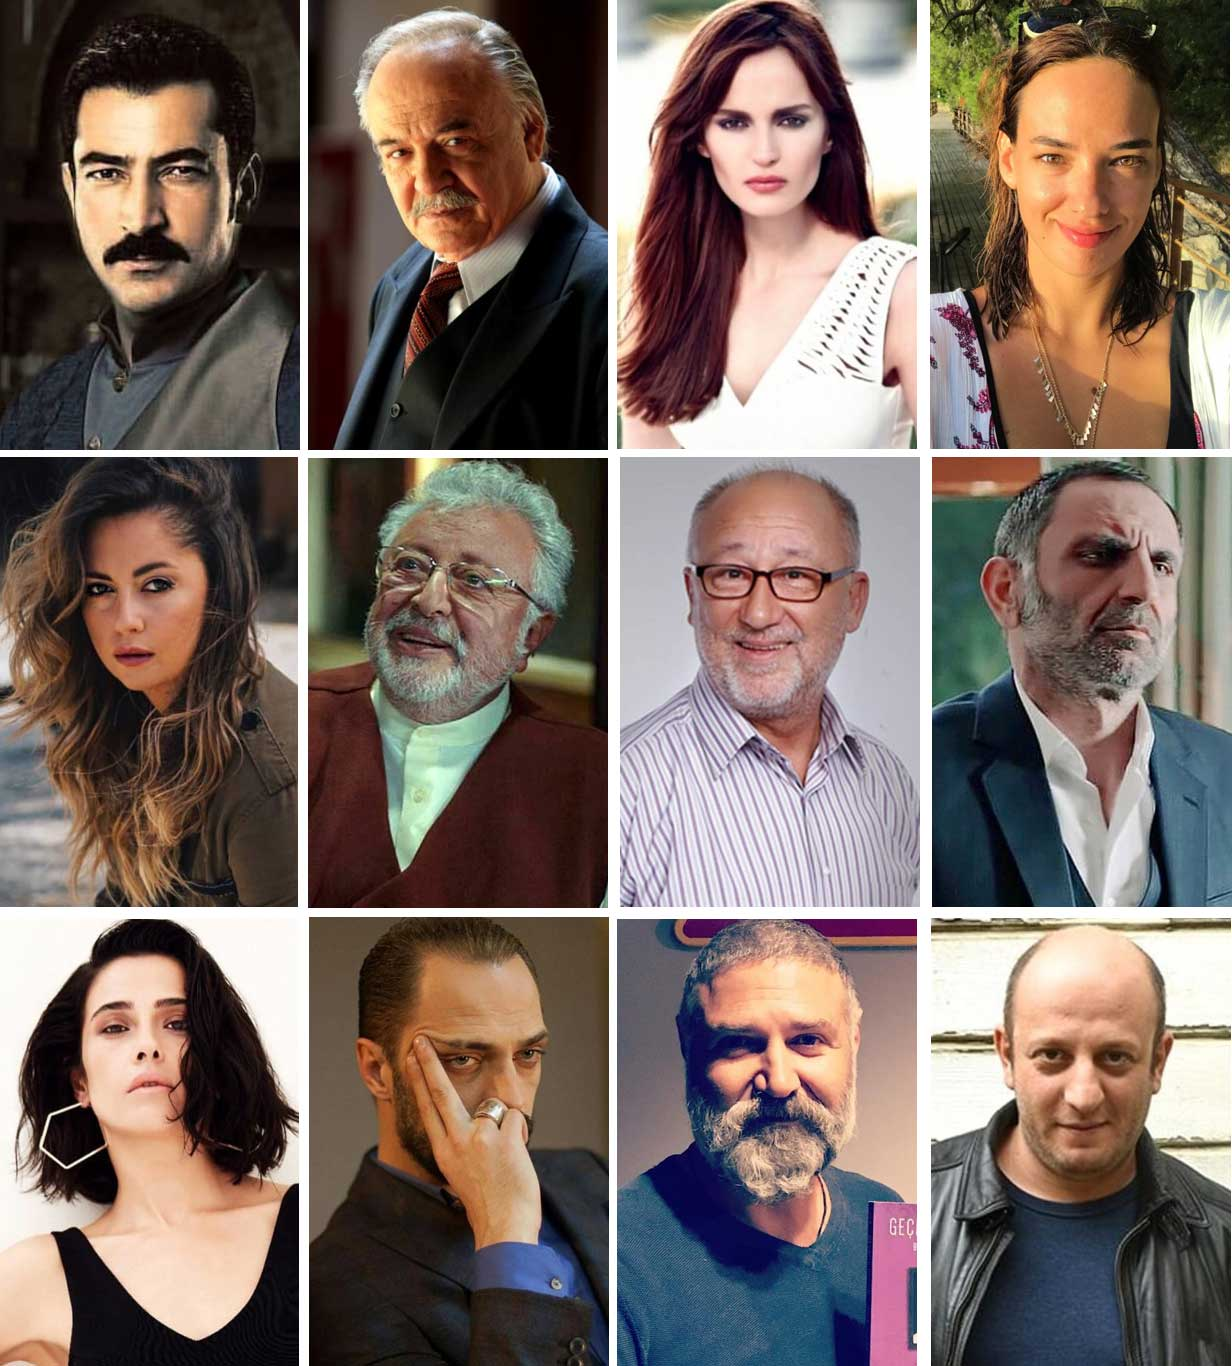 Турецкий сериал Мехмед: Завоеватель мира фото актеров